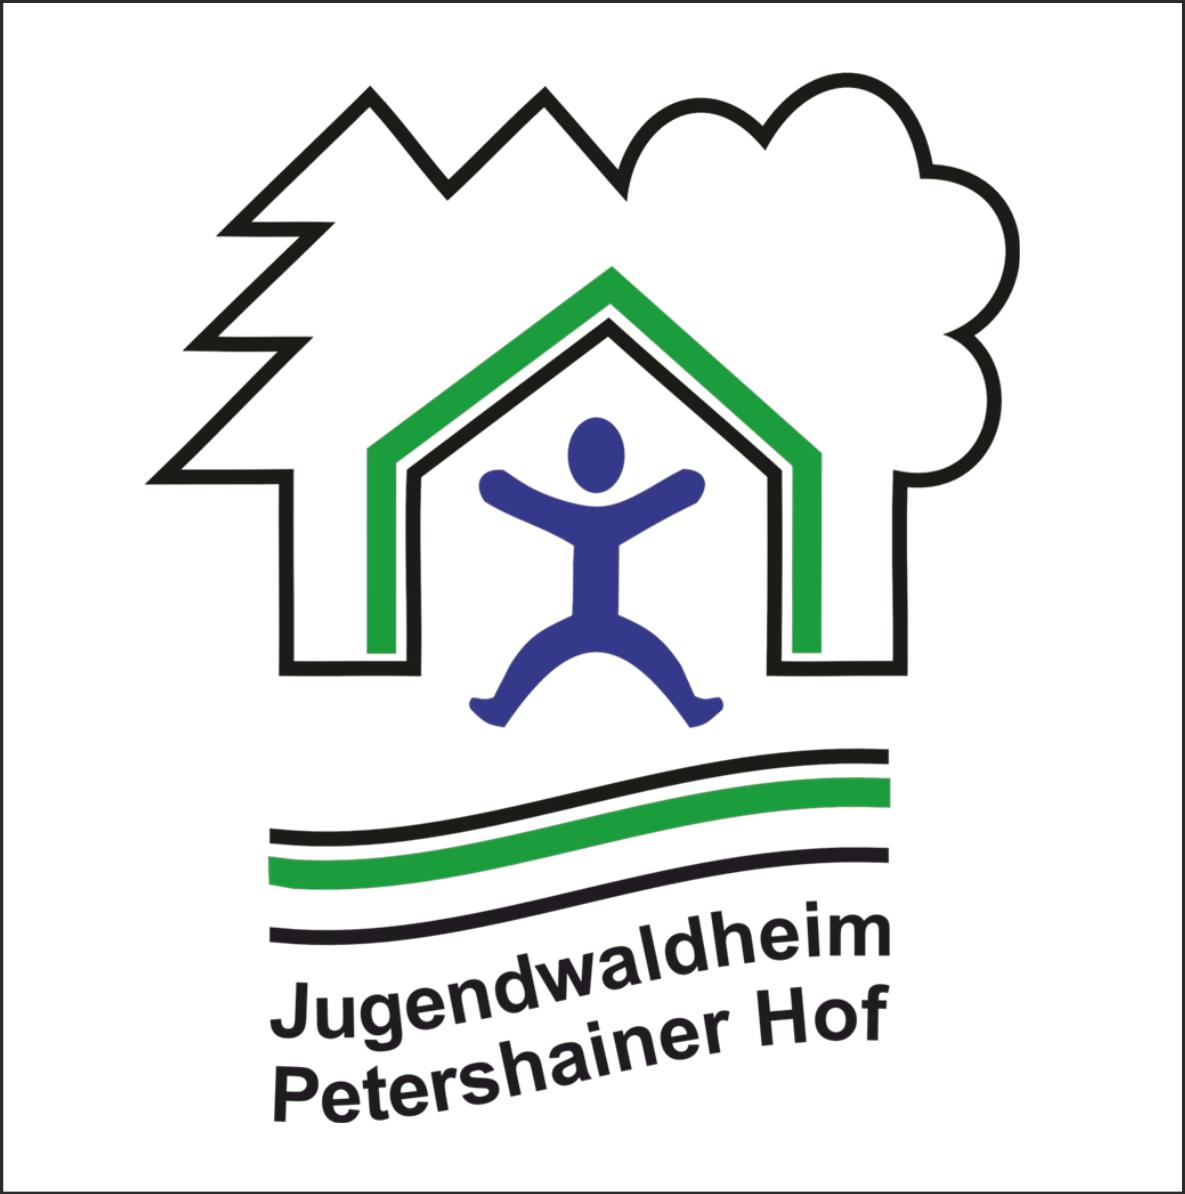 Jugendwaldheim Petershainer Hof